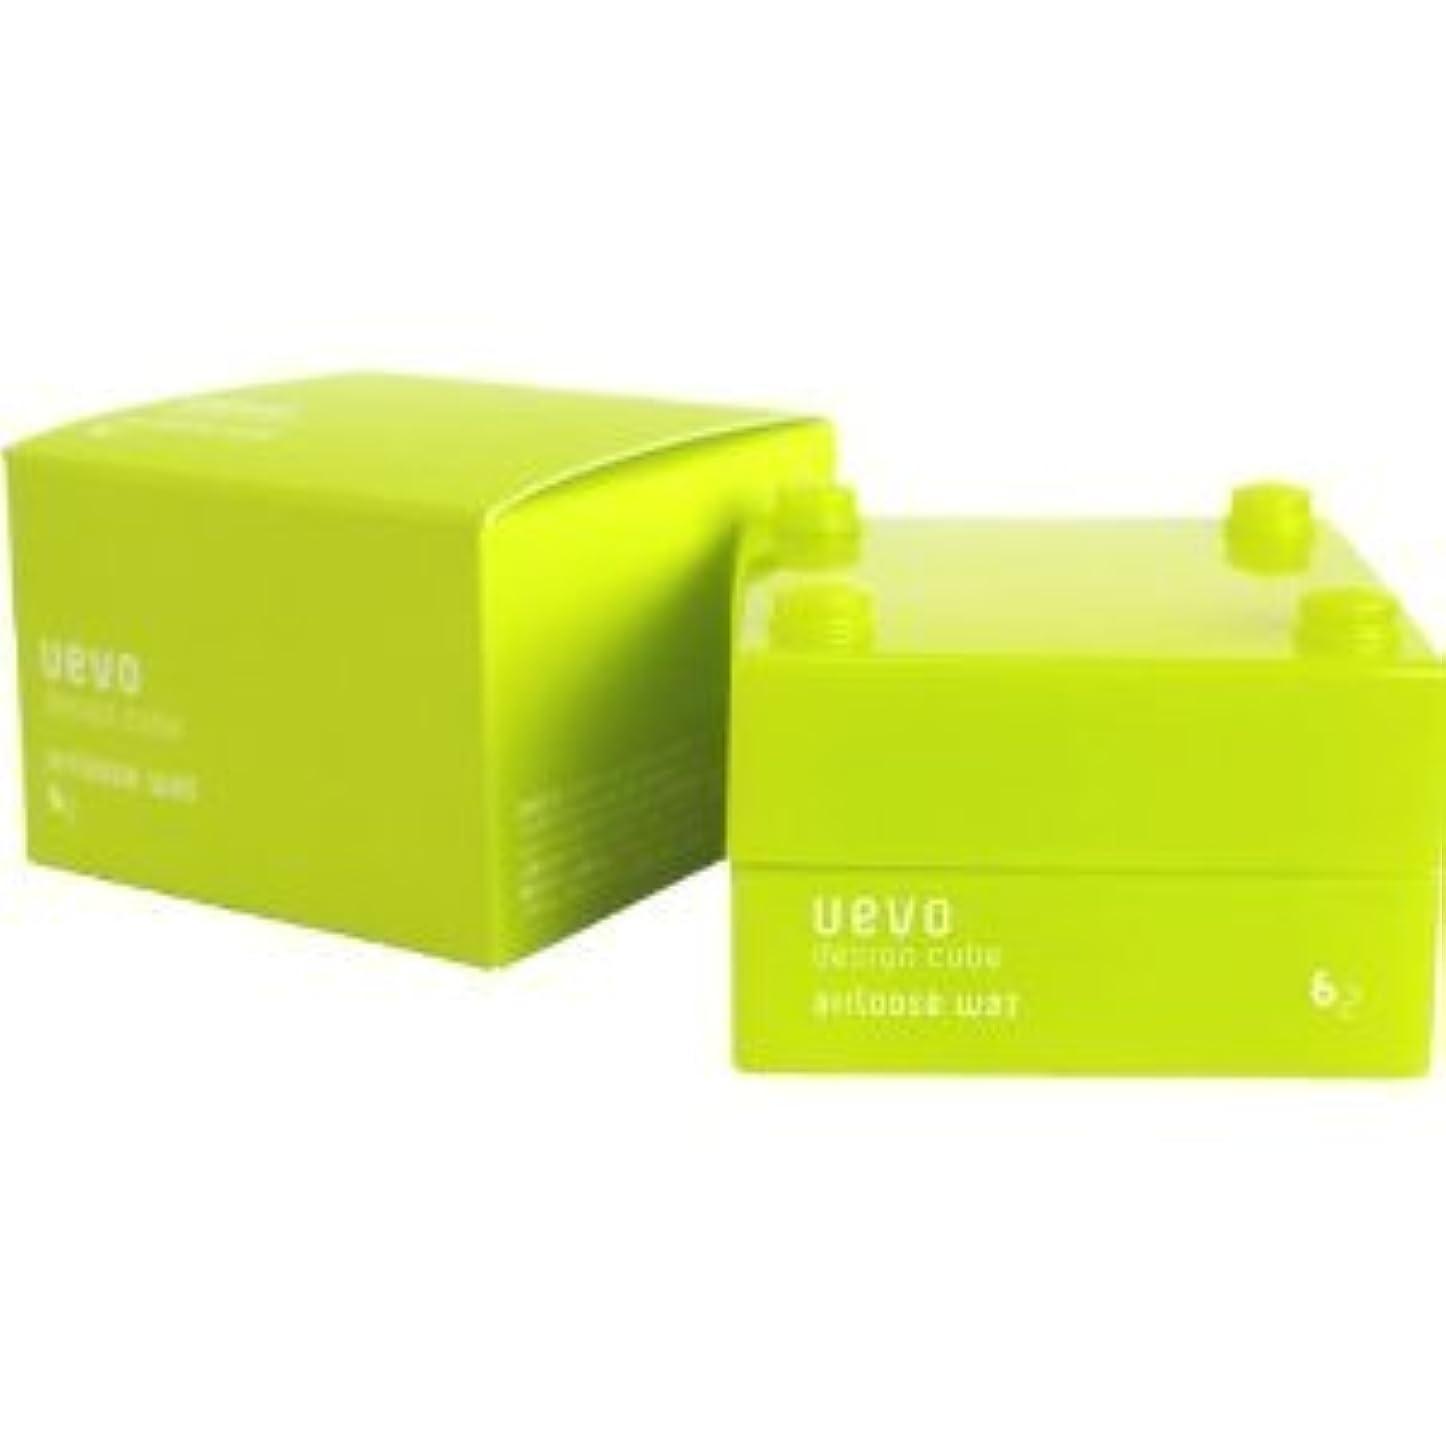 外交問題氏ペースト【X3個セット】 デミ ウェーボ デザインキューブ エアルーズワックス 30g airloose wax DEMI uevo design cube